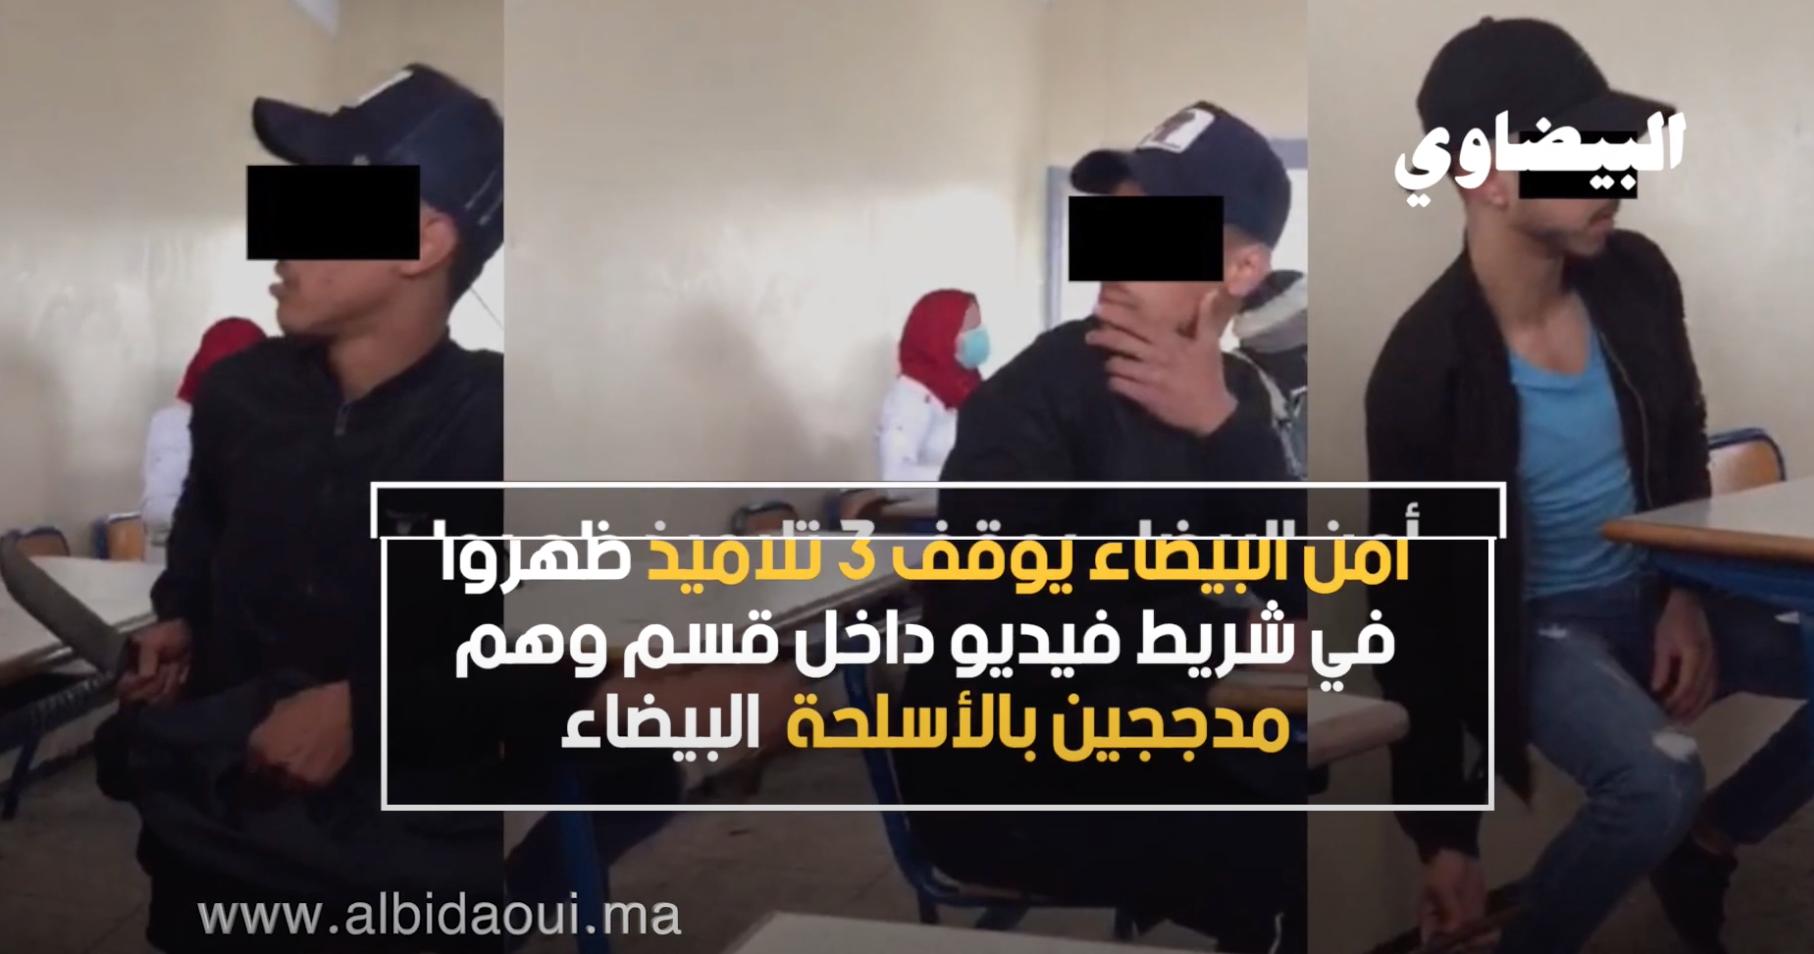 فيديو.. توقيف ثلاثة تلاميذ بمدينة الدار البيضاء